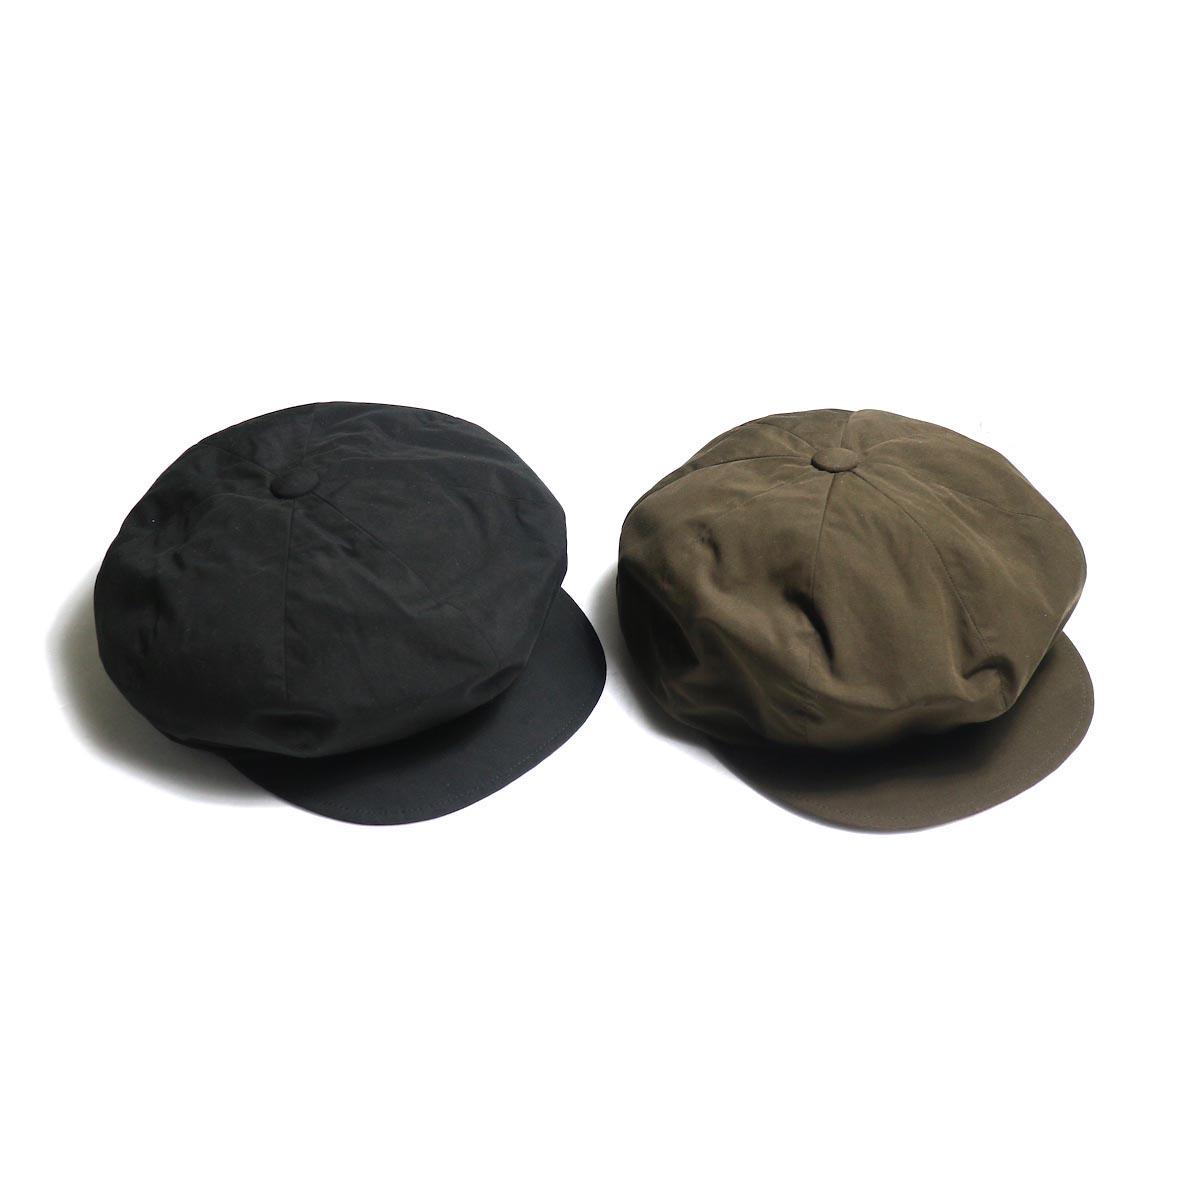 KIJIMA TAKAYUKI / Washable Leather Cascet (No.192719) 2色